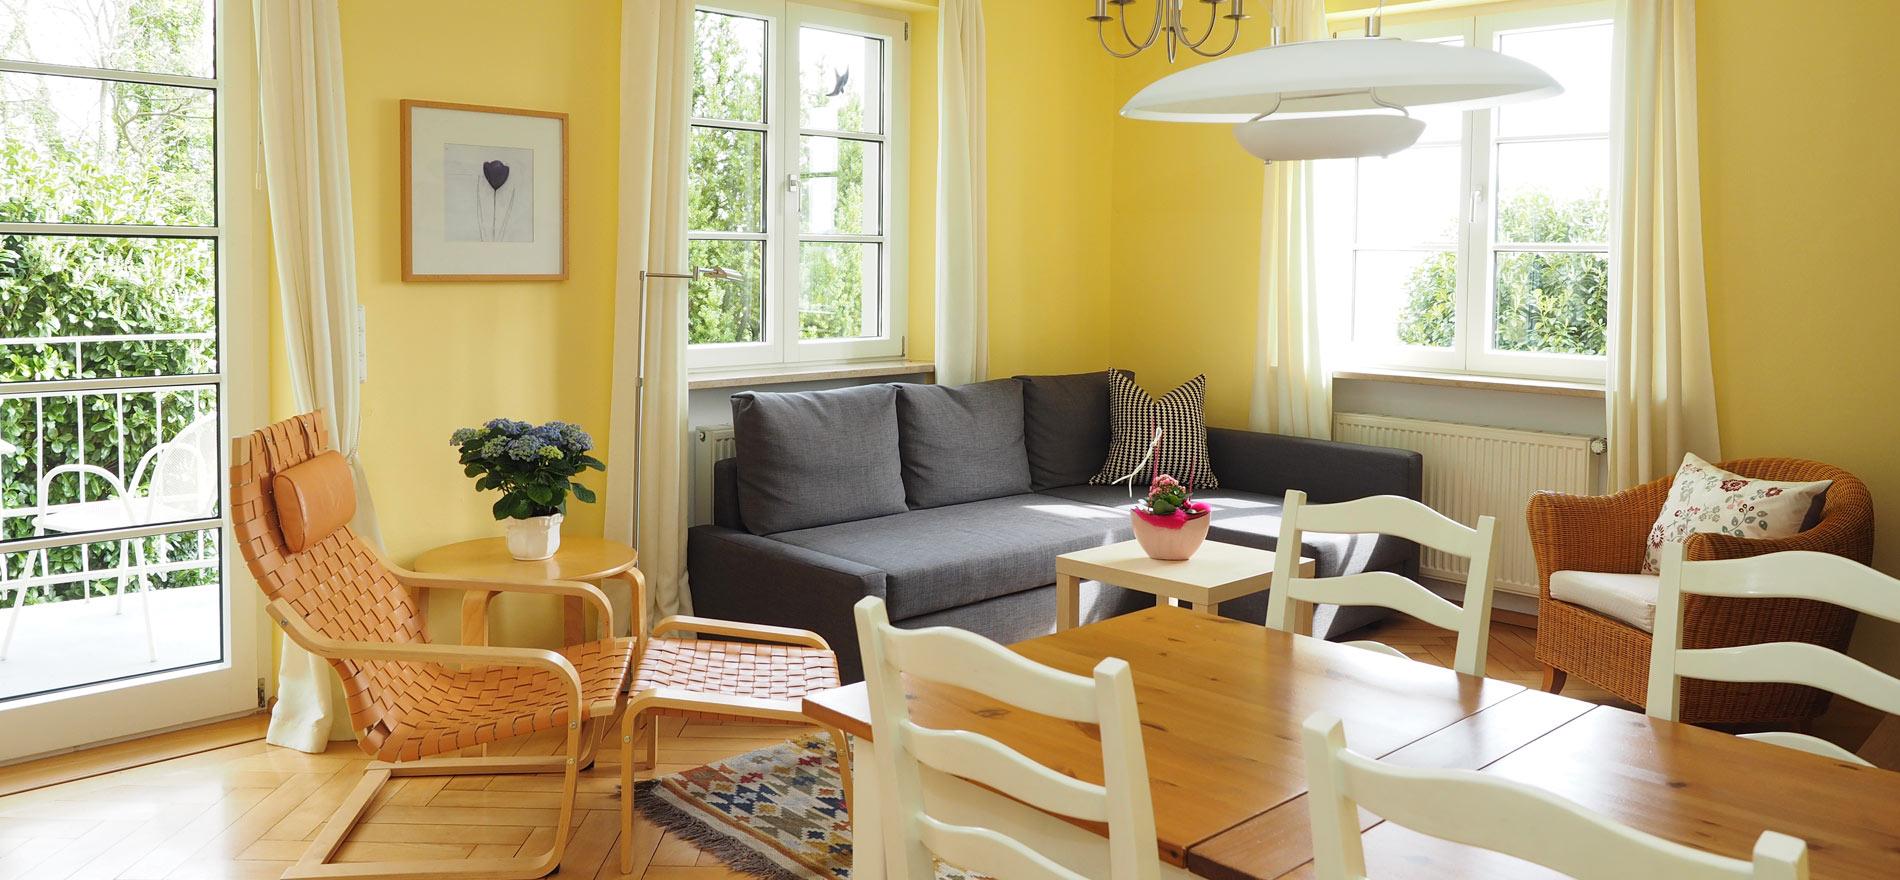 Ferienwohnung Pfarrhaus in Meersburg - Wohnung 4 1